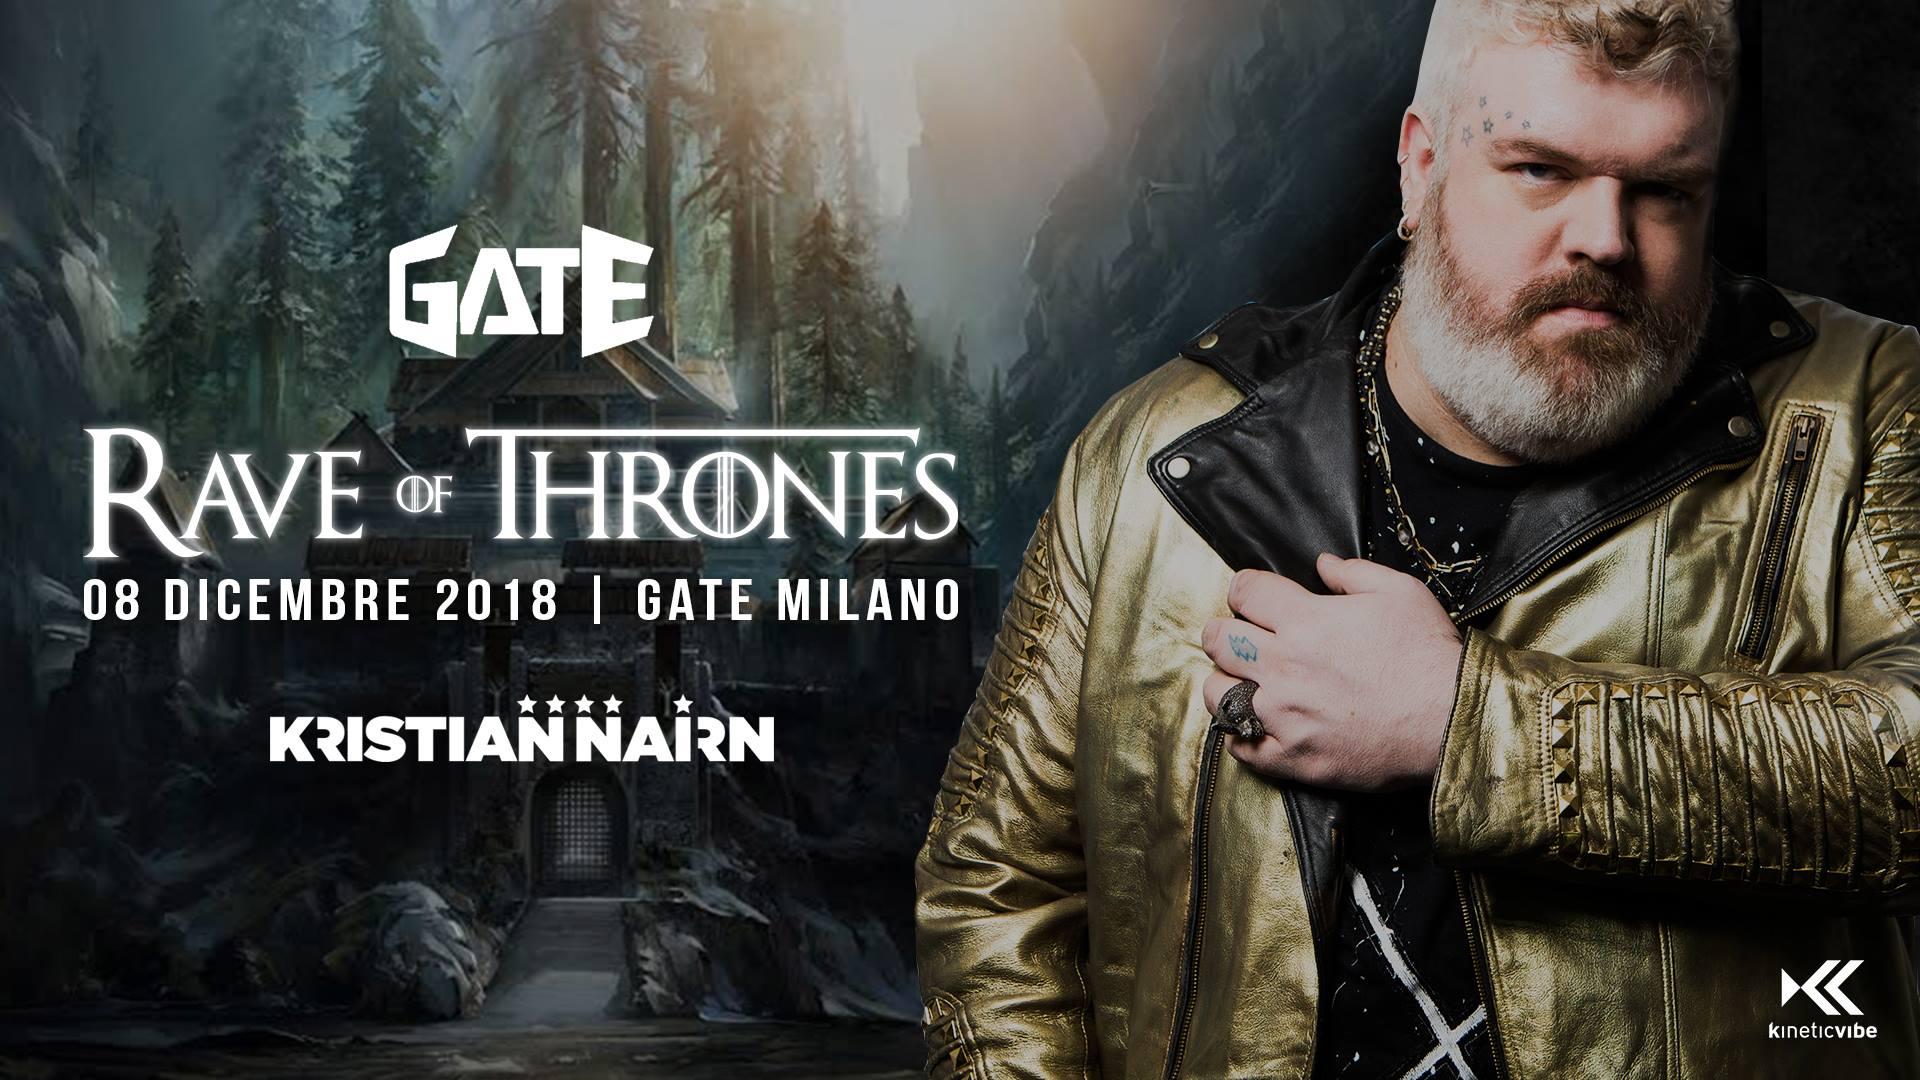 Rave of Thrones // Milano 8 Dicembre | YOUparti gate milano via valtellina 8 dicembre sant'ambrogio